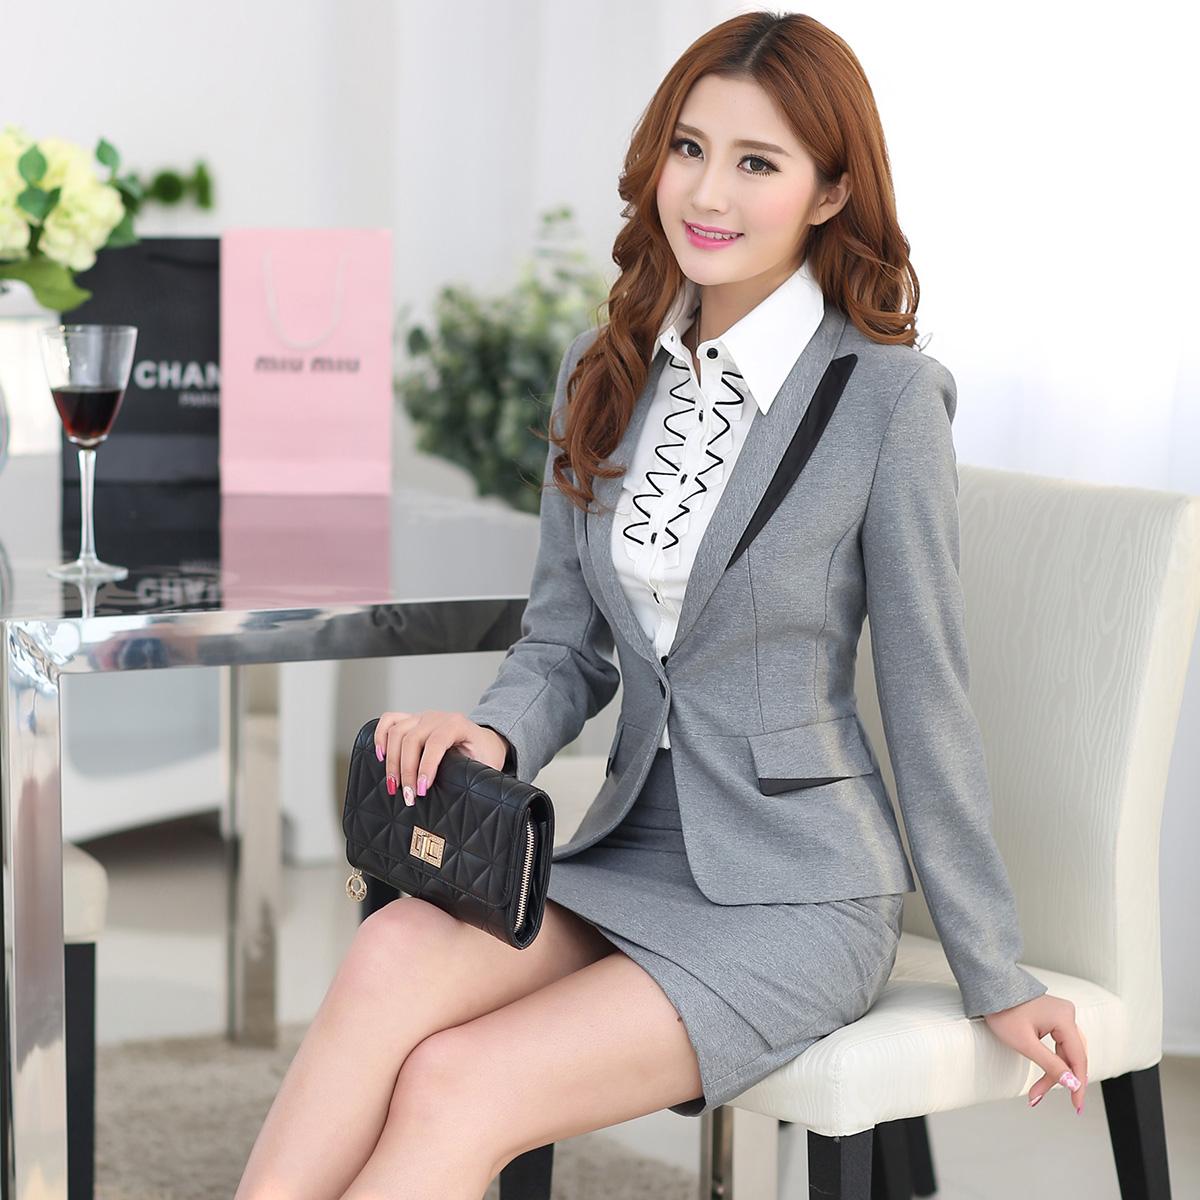 Чжи Юн Ян 2015 осень новый элитного профессиональный женский серый платье установлены OL белый воротник равномерное 13806